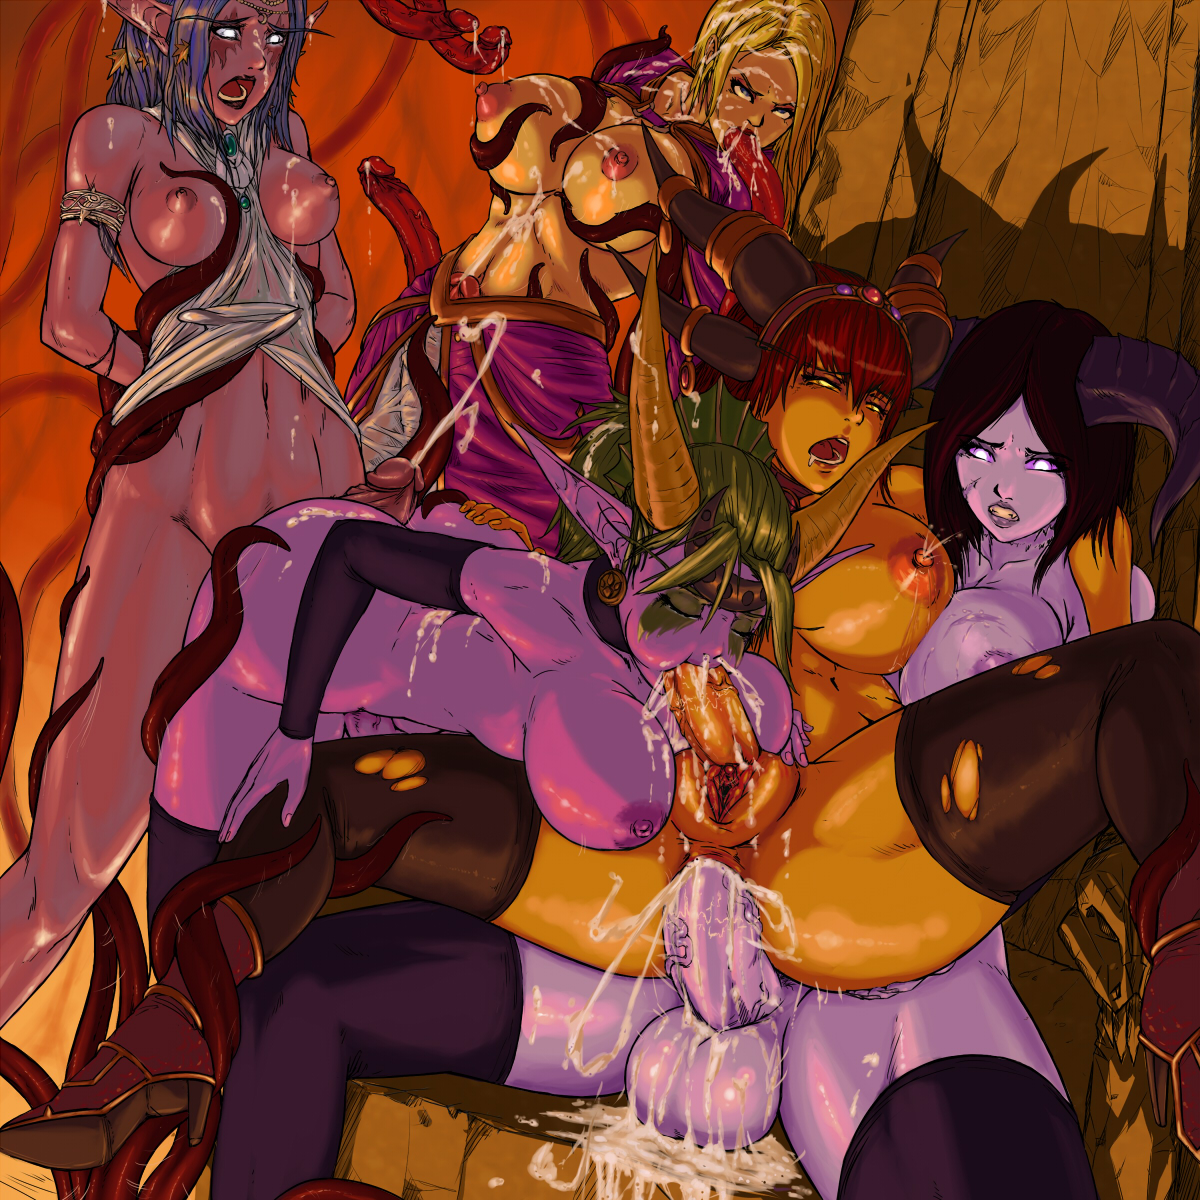 Tirande hentai naked scene